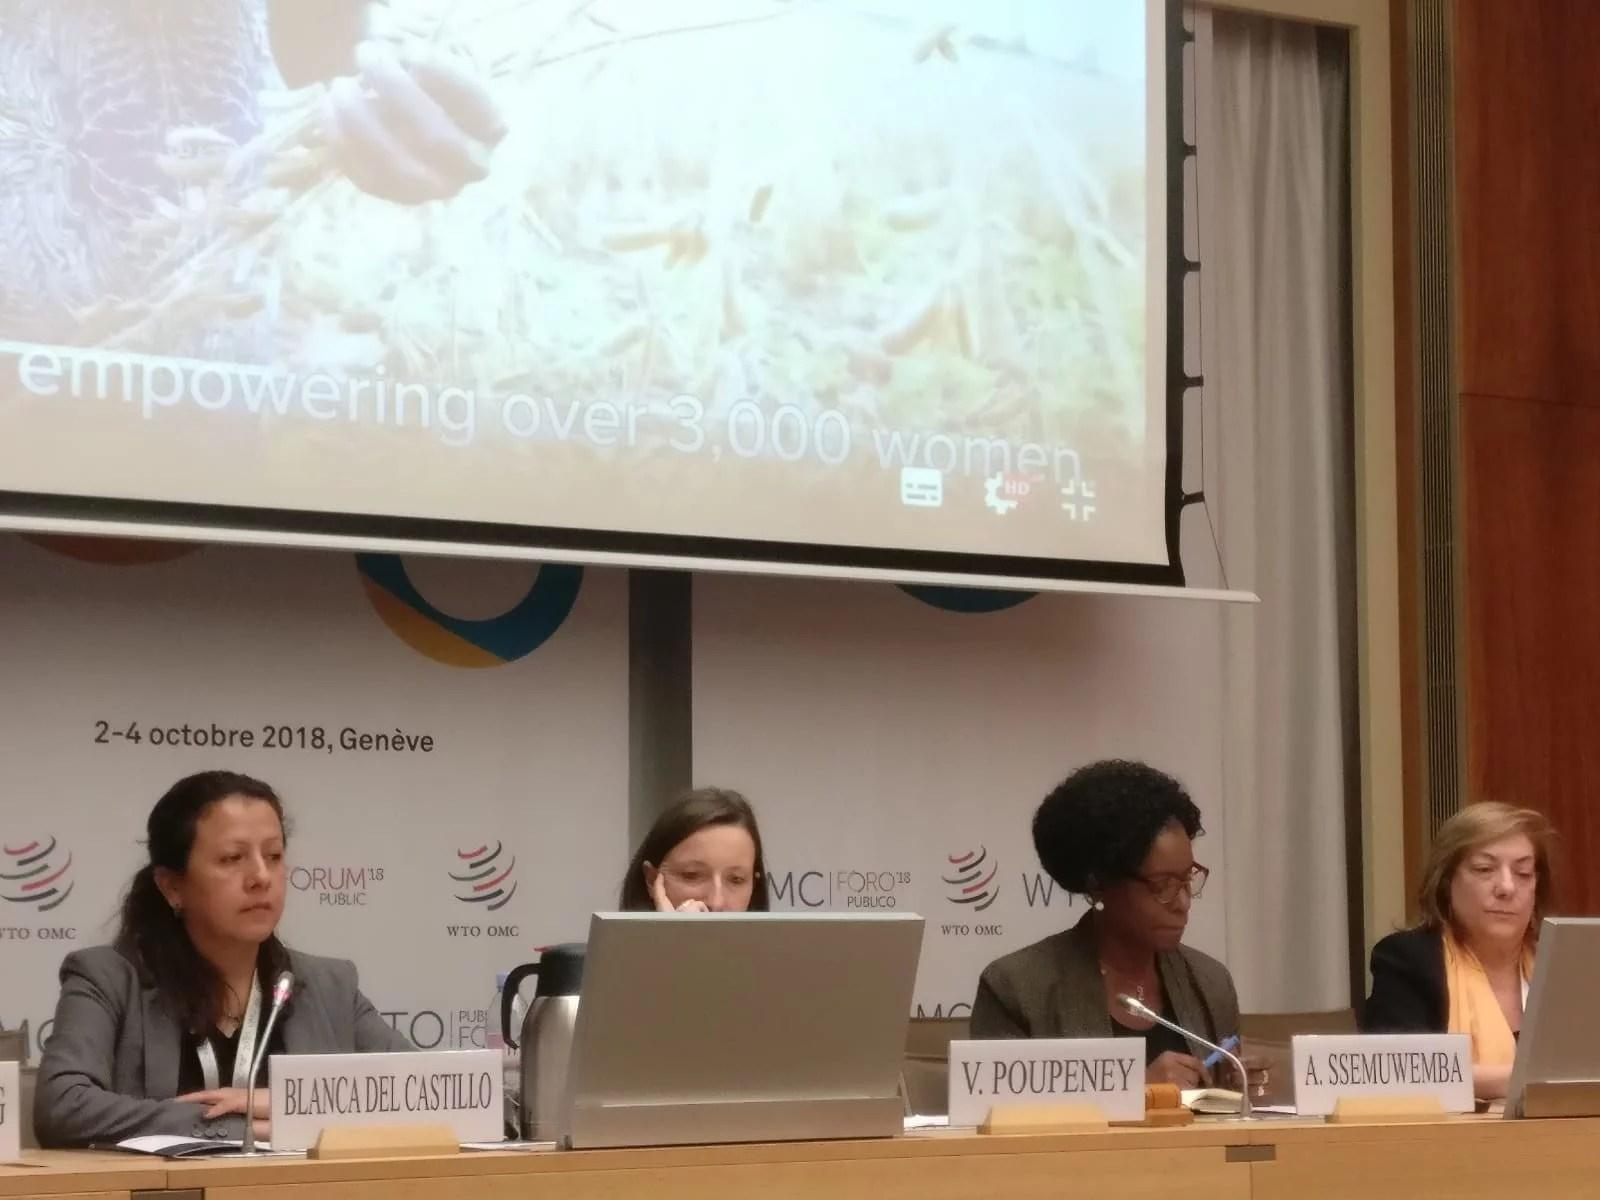 SESIÓN DE CIDEAL EN EL FORO DE LA OMC: MUJERES, COMERCIO Y DESARROLLO